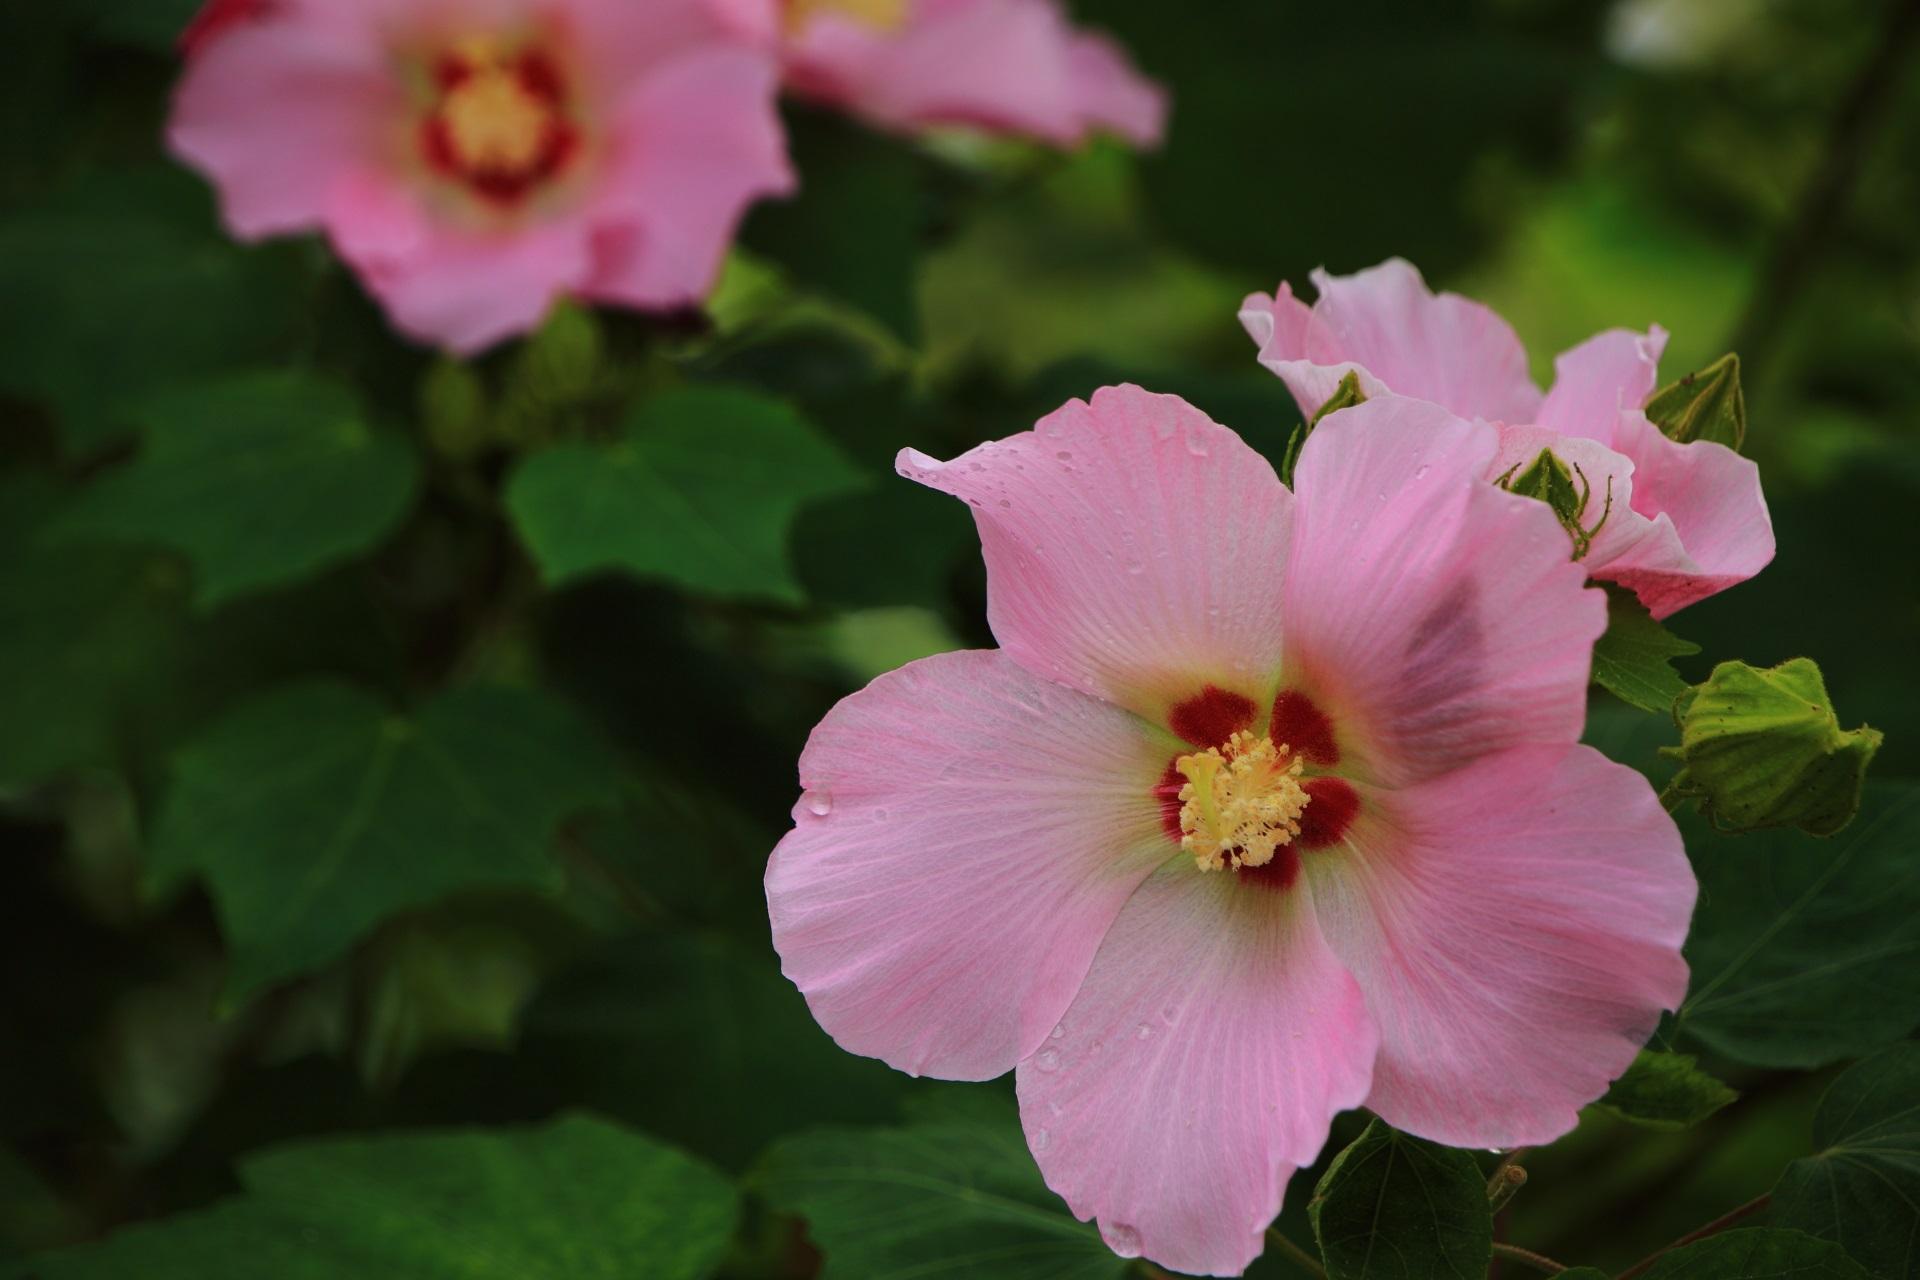 妙蓮寺のたくさんの華やかな芙蓉の花